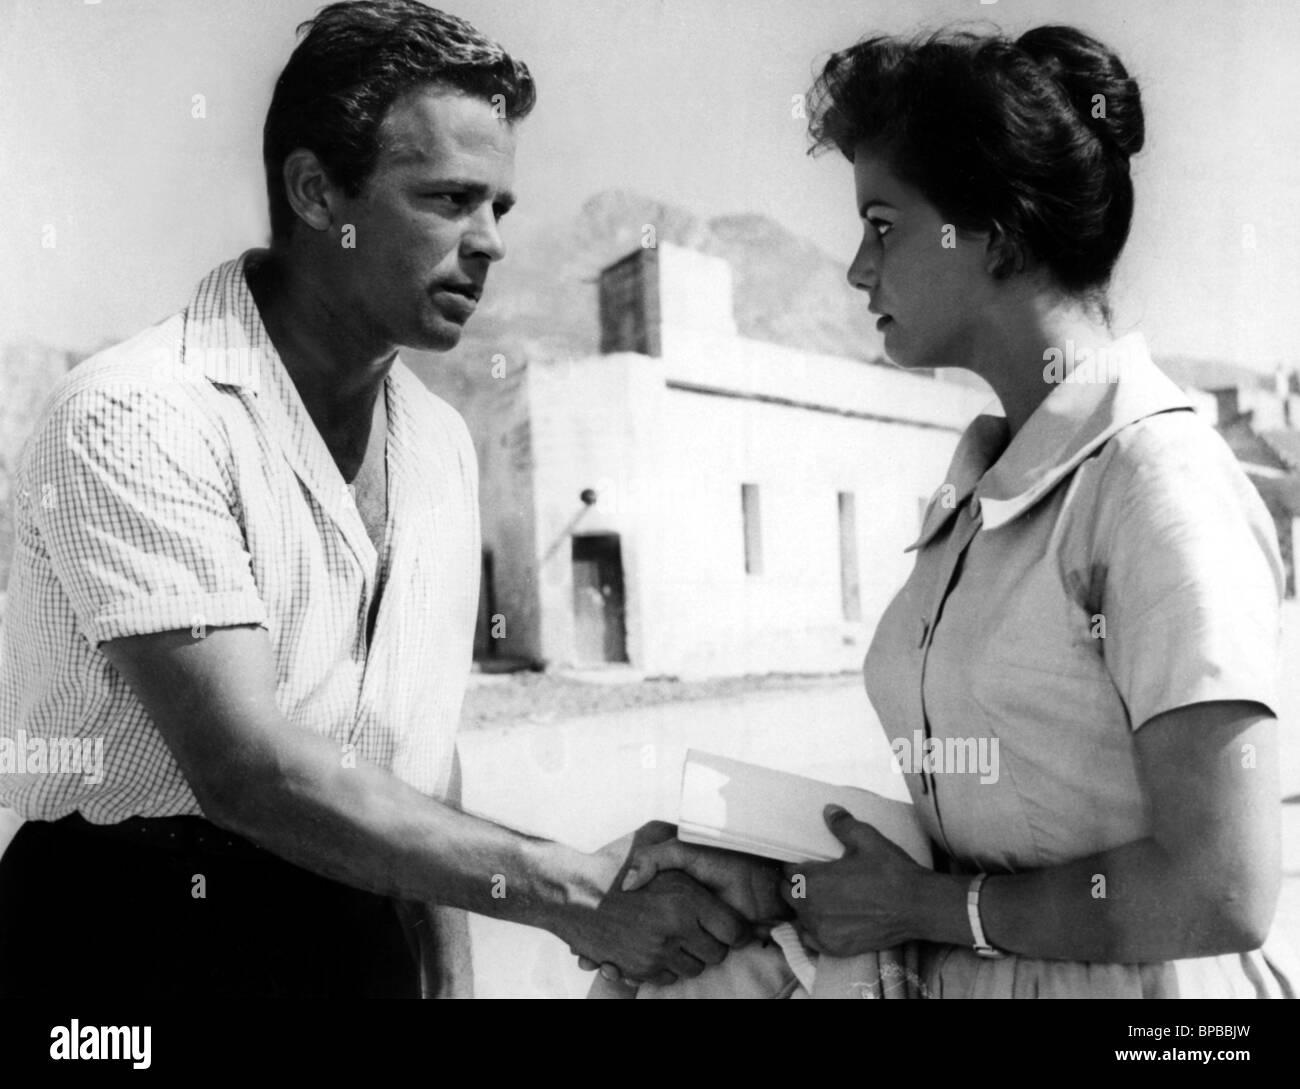 RENATO SALVATORI & CLAUDIA CARDINALE VENTO DEL SUD; SOUTH WIND (1959) -  Stock